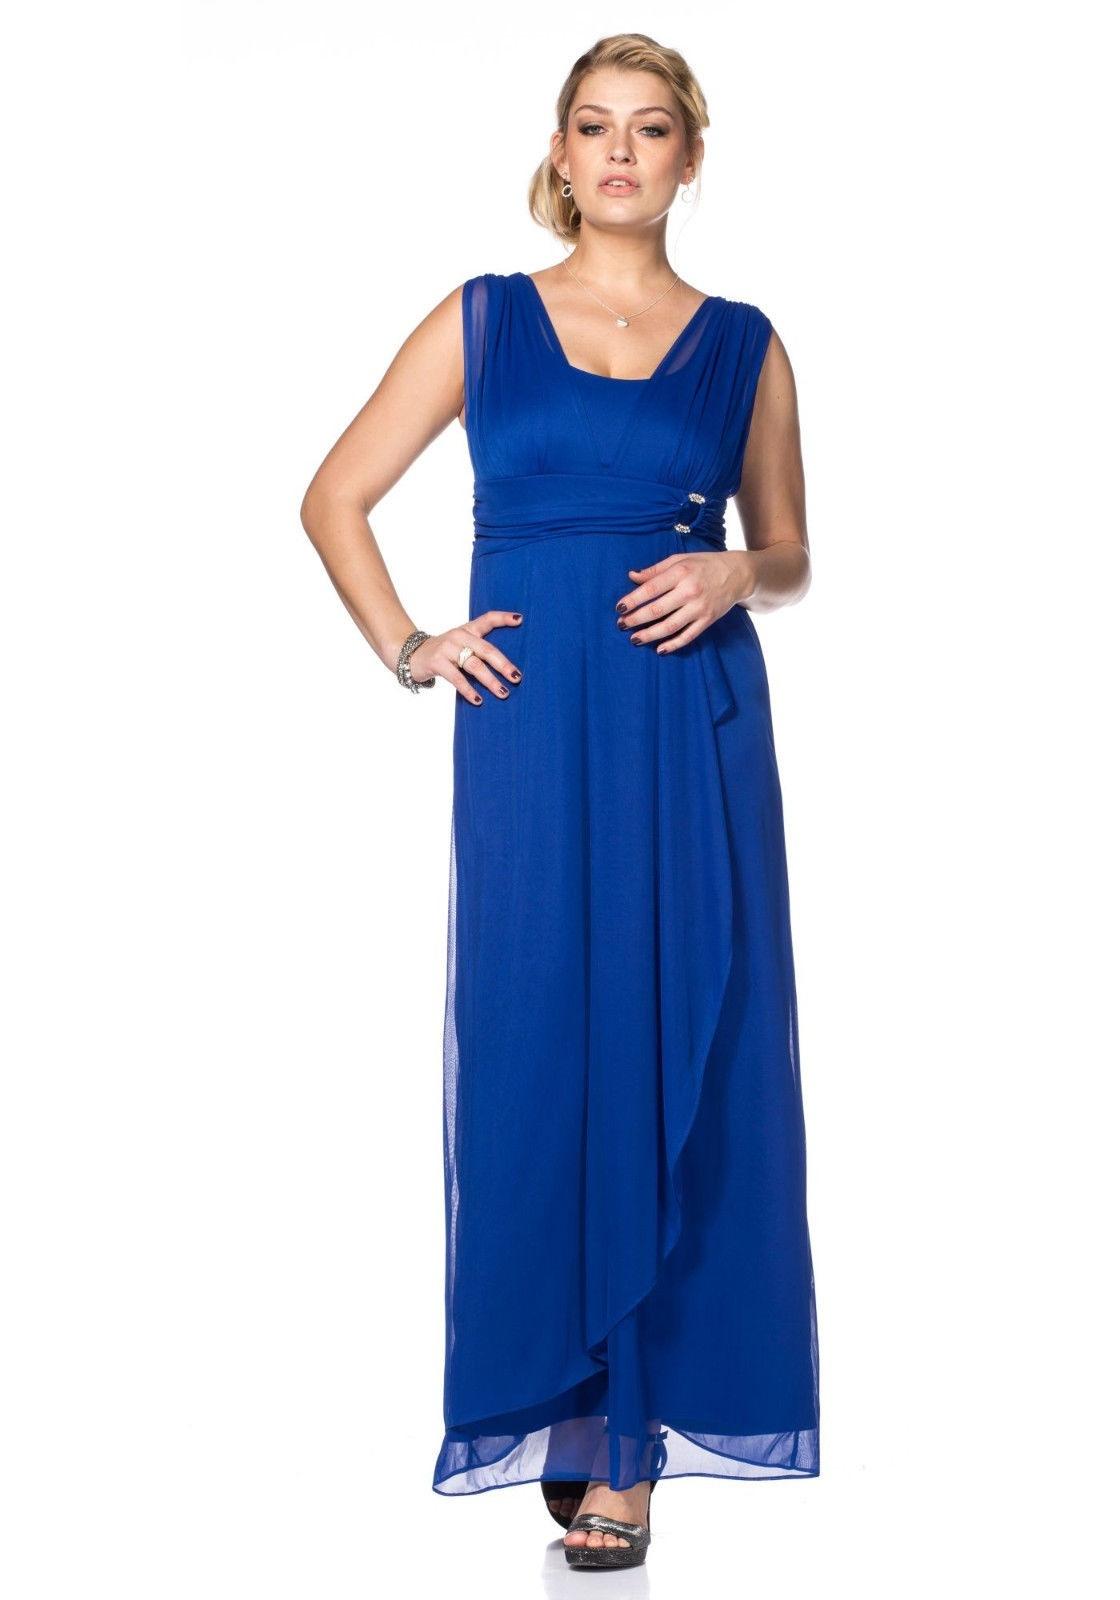 15 Einzigartig Kleid Royalblau Kurz Design15 Schön Kleid Royalblau Kurz Galerie